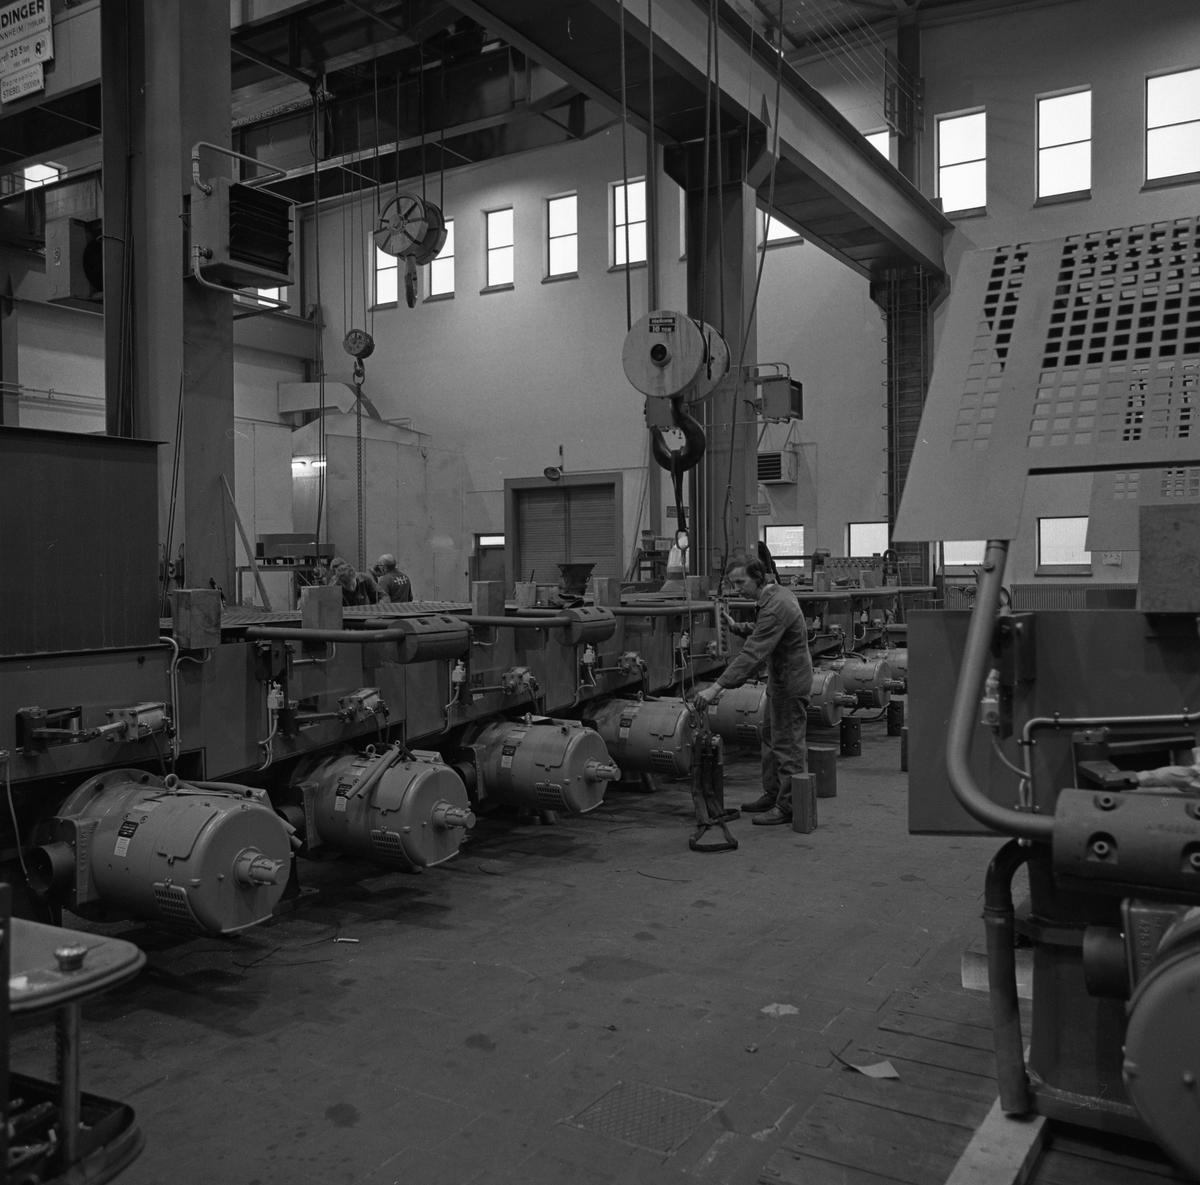 Arboga Mekaniska Verkstad, interiör. Meken. Några män, iklädda overall, arbetar i en fabrikslokal. Det finns traverser i taket och många maskiner på golvet.  25 september 1856 fick AB Arboga Mekaniska Verkstad rättigheter att anlägga järngjuteri och mekanisk verkstad. Verksamheten startade 1858. Meken var först i landet med att installera en elektrisk motor för drift av verktygsmaskiner vid en taktransmission (1887).  Gjuteriet lades ner 1967. Den mekaniska verkstaden lades ner på 1980-talet. Läs om Meken i Hembygdsföreningen Arboga Minnes årsbok från 1982.